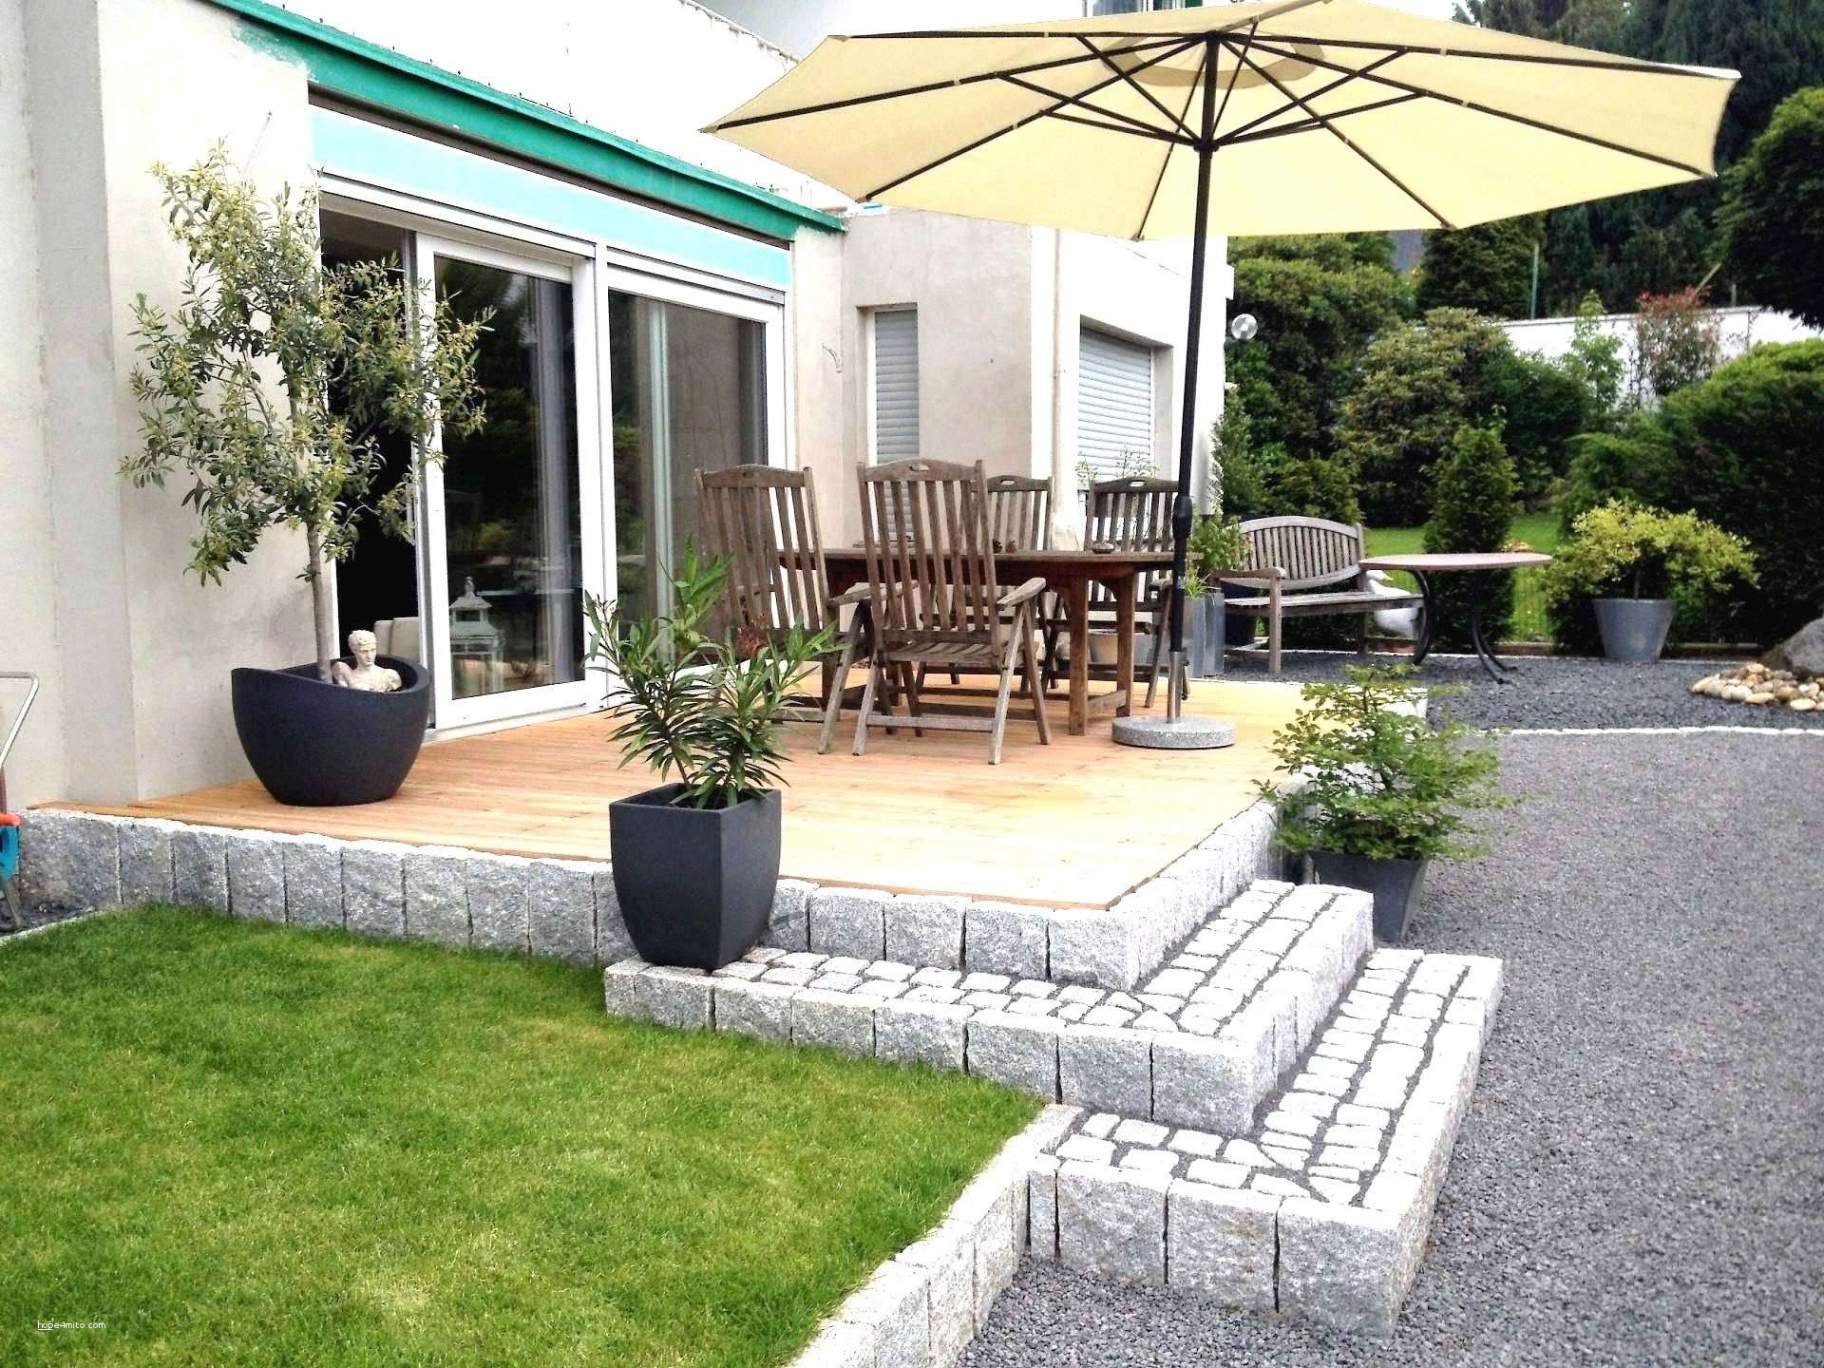 Terrassengestaltung Ideen Pflanzen Frisch 32 Einzigartig Garten Terrassen Ideen Das Beste Von